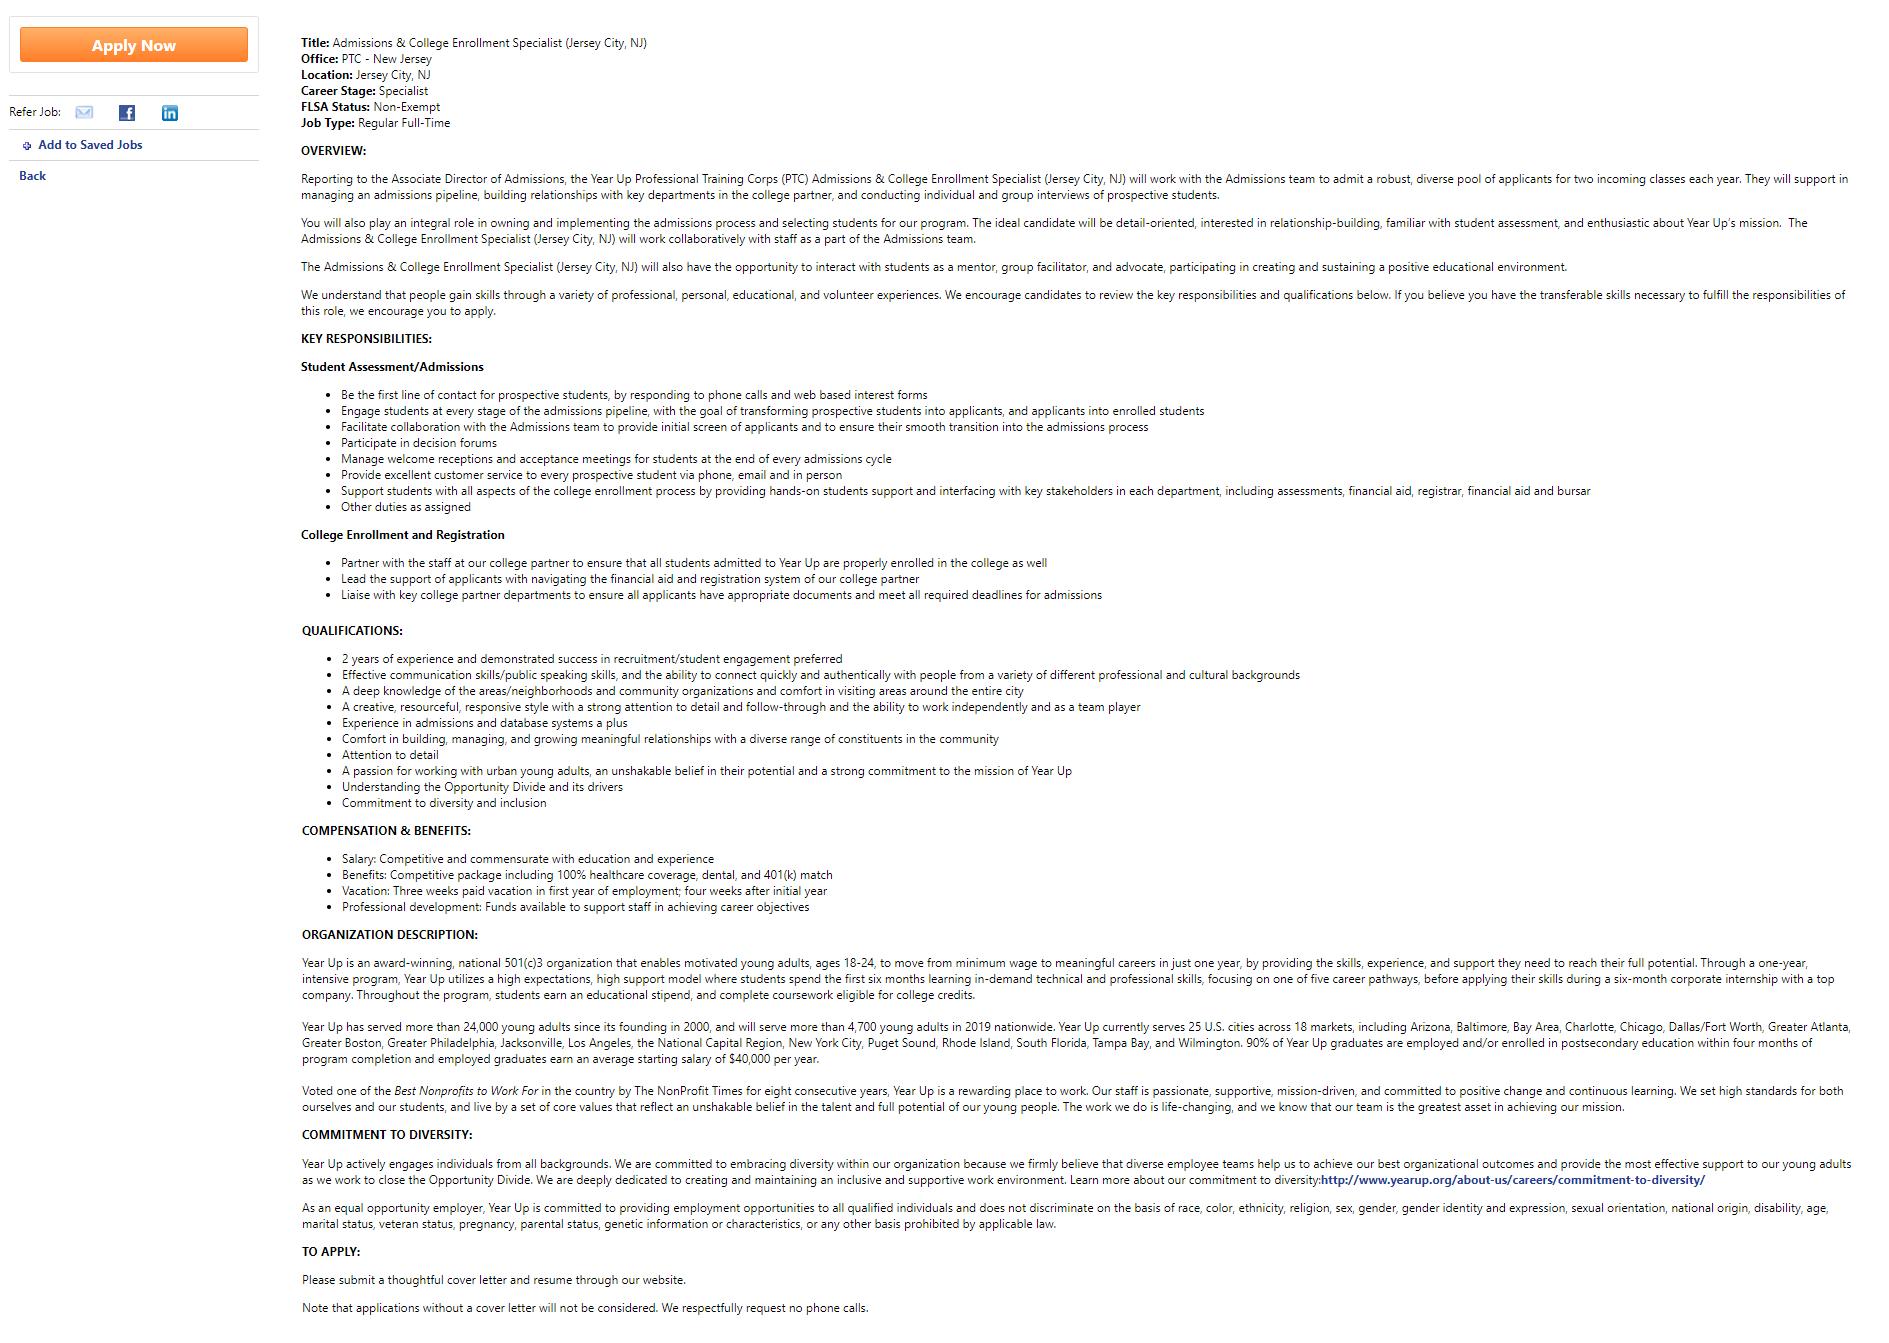 Cornerstone OnDemand Job Page